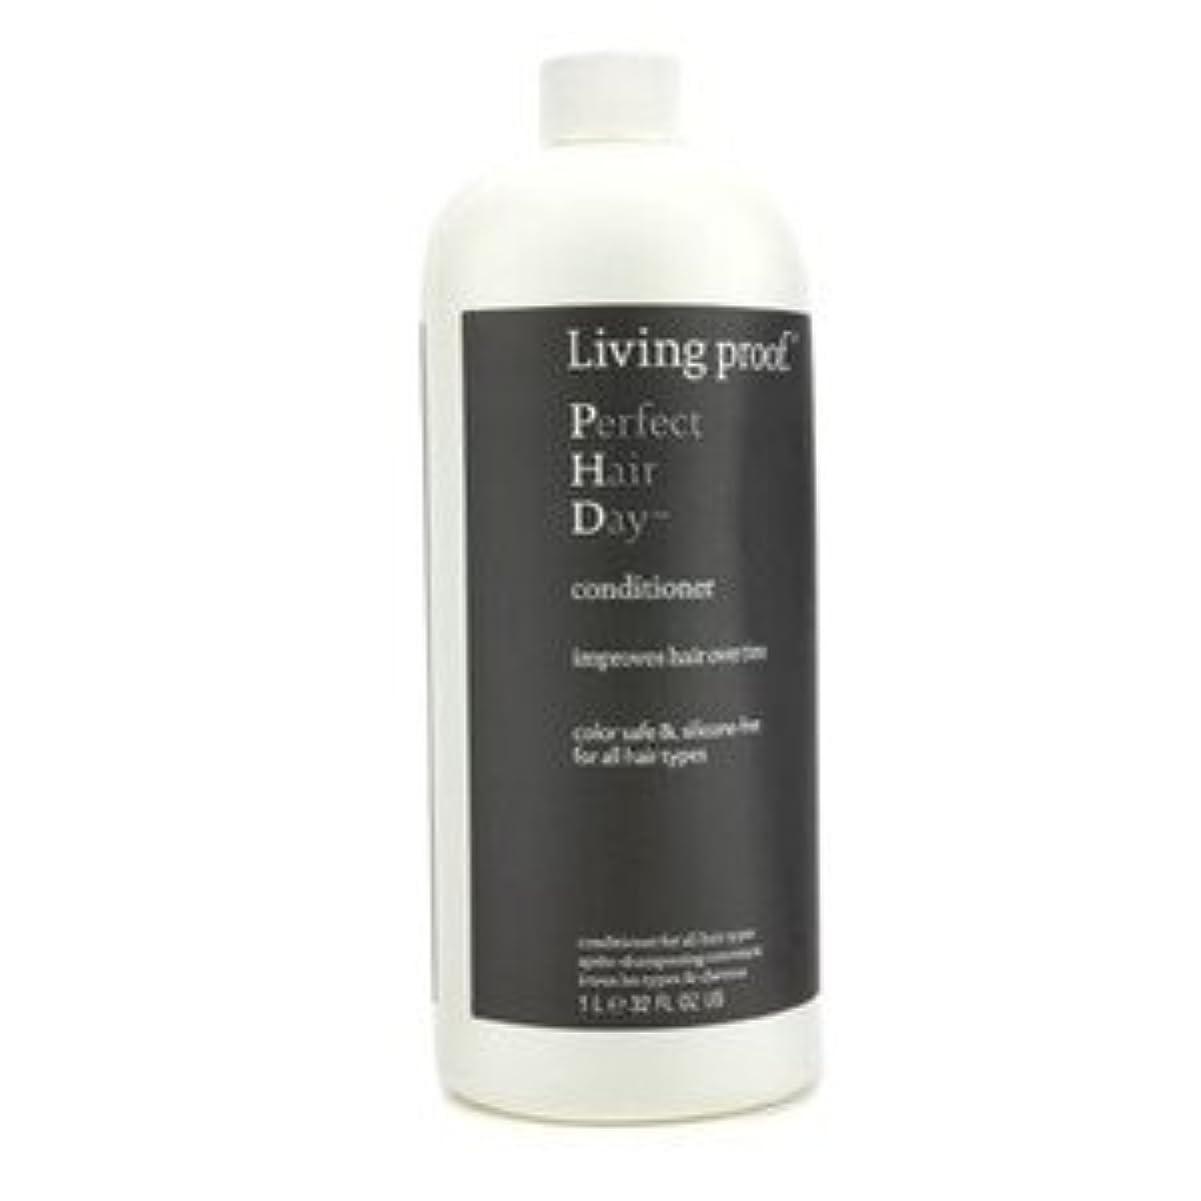 発揮する発揮するジーンズLiving Proof パーフェクト ヘア デイ コンディショナー(For All Hair Types) 1000ml/32oz [並行輸入品]